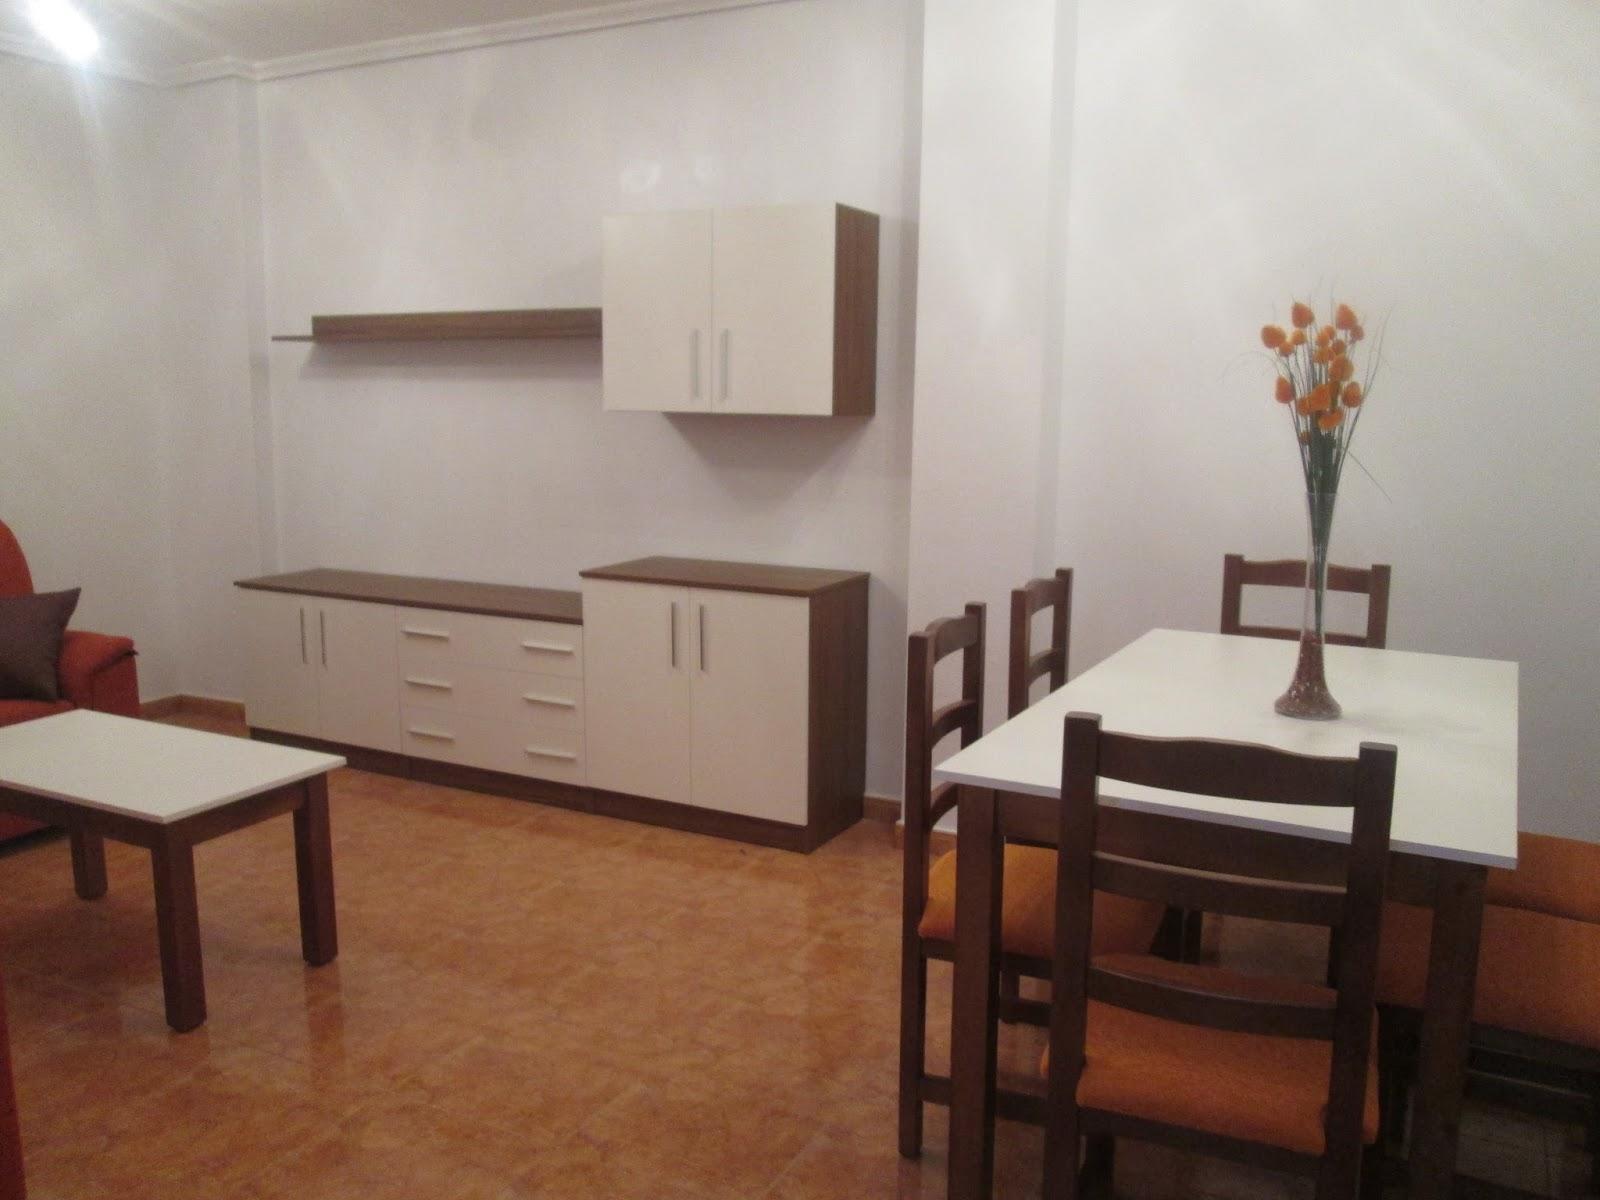 Muebles arcecoll amuebla tu piso por muy poco - Amuebla tu piso ...